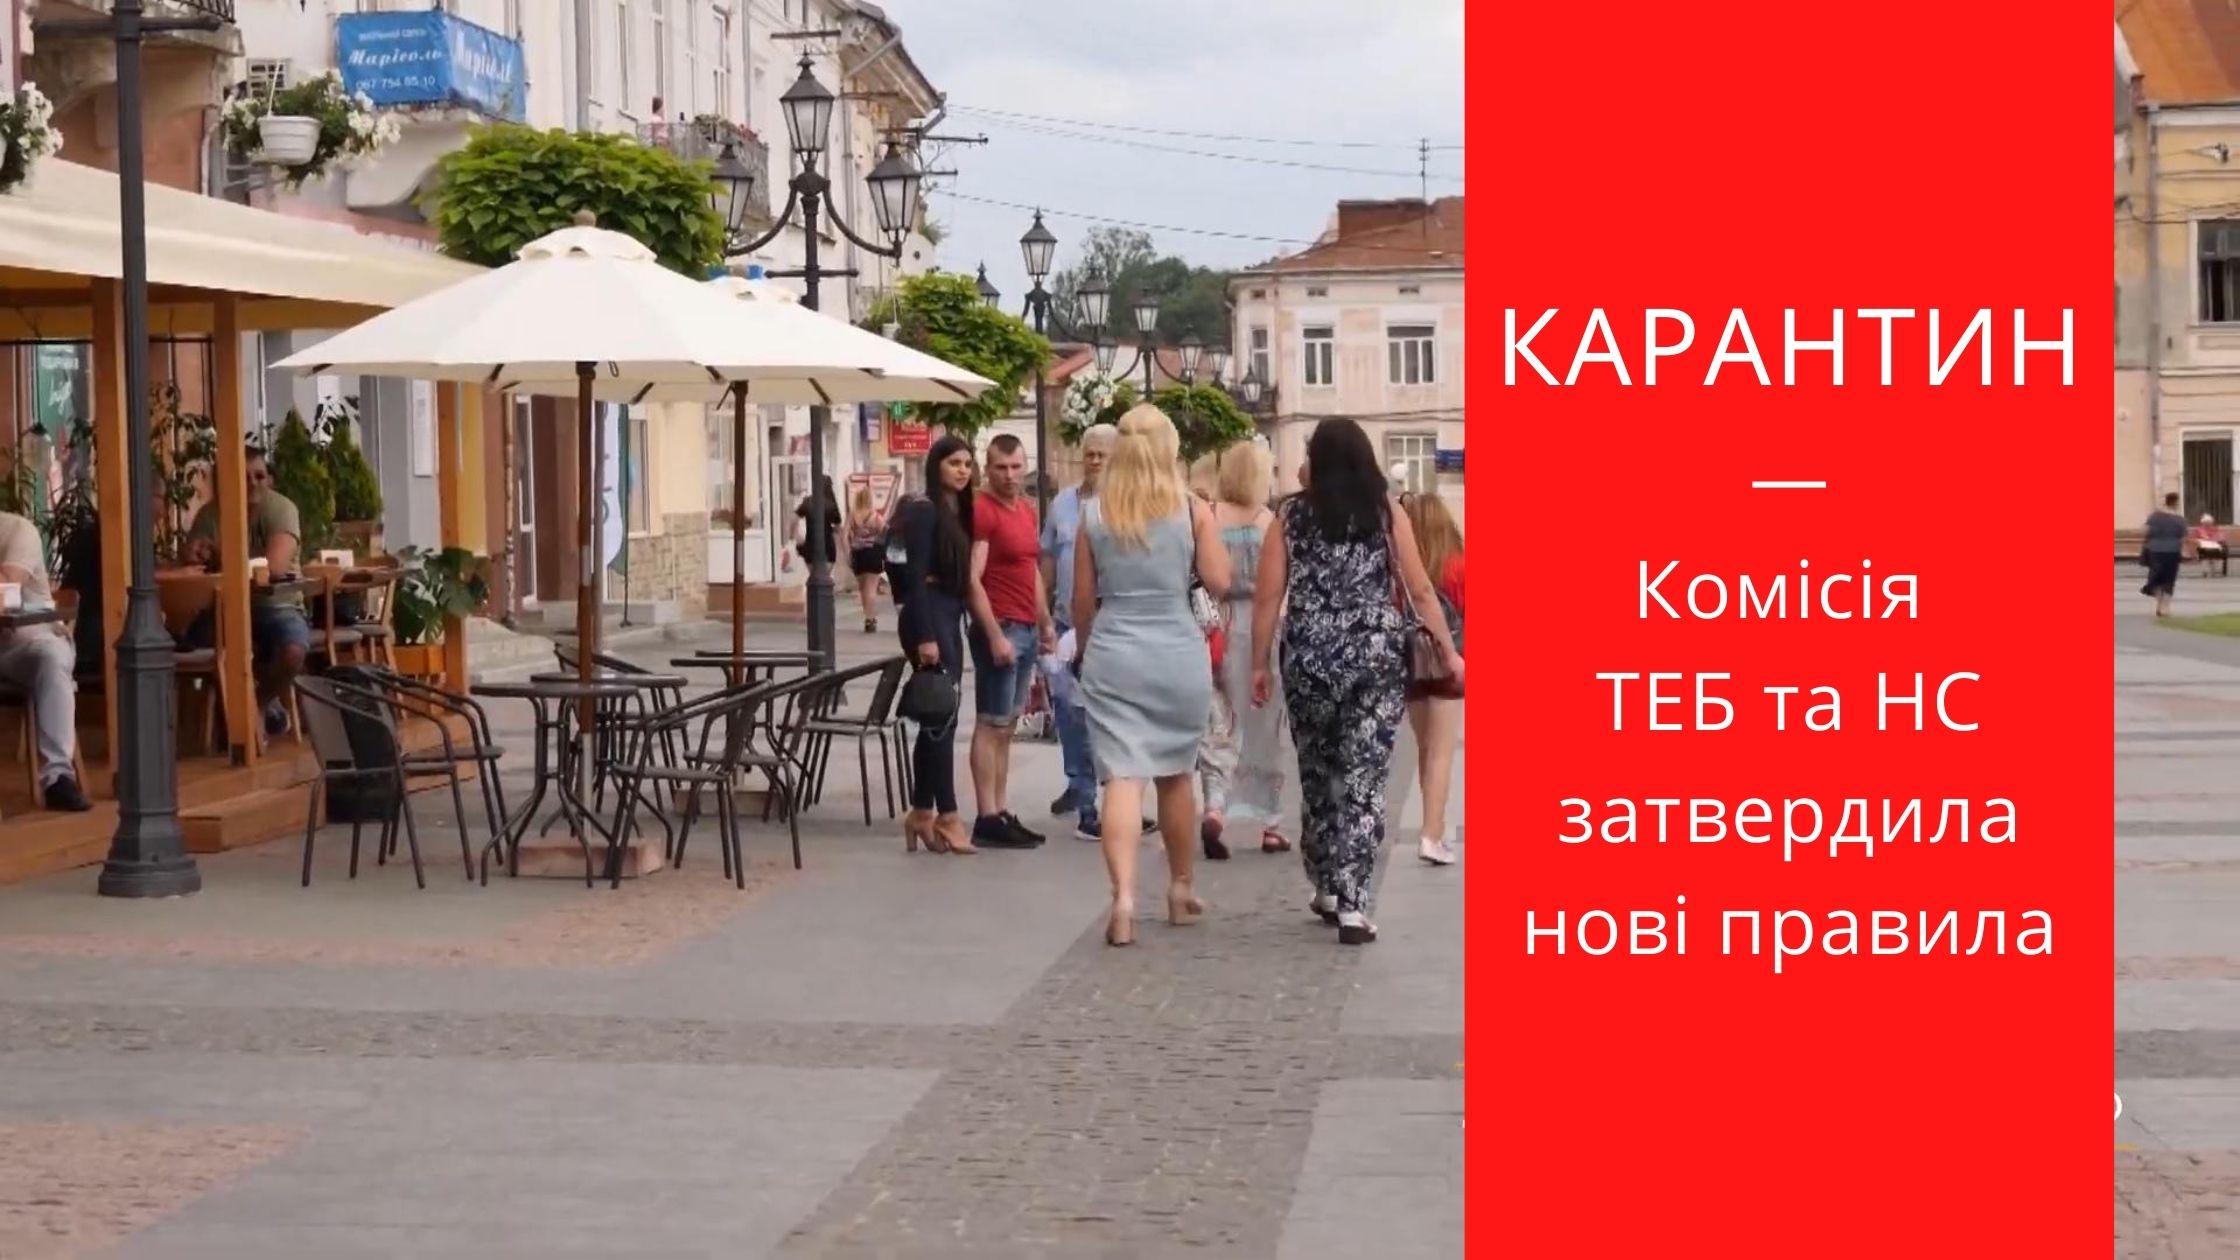 Комісія ТЕБ та НС затвердила нові правила карантину на території Дрогобича та Стебника до 31 серпня